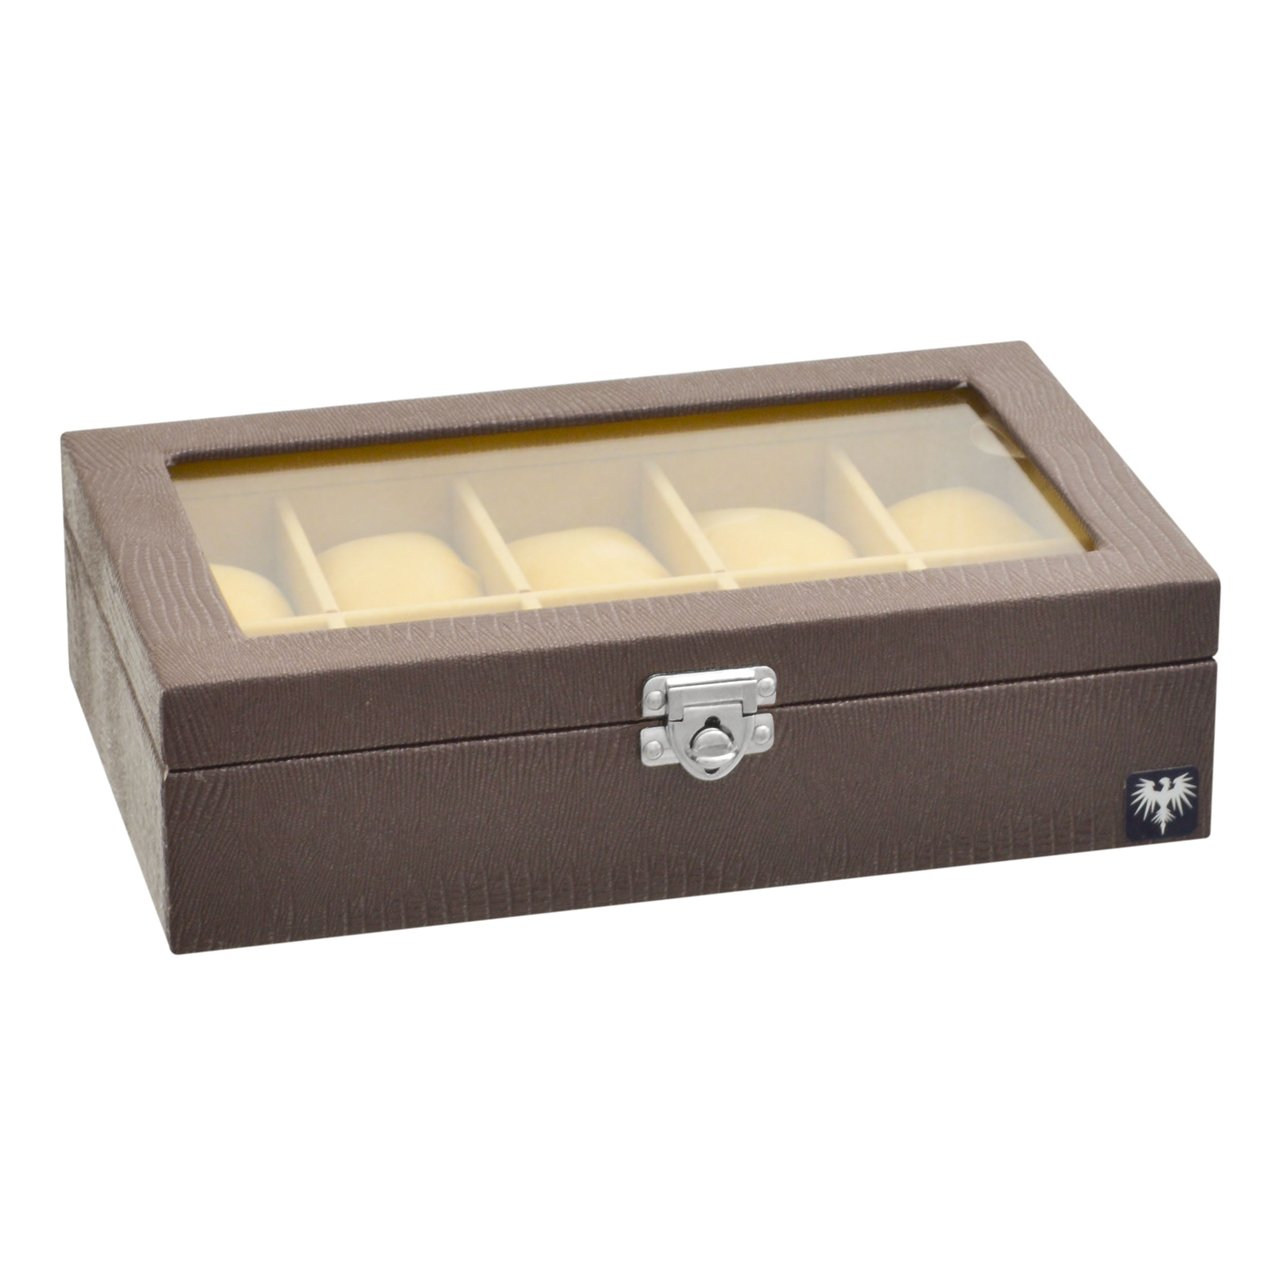 estojo-couro-ecologico-10-relogios-marrom-bege-porta-caixa-imagem-4.jpg